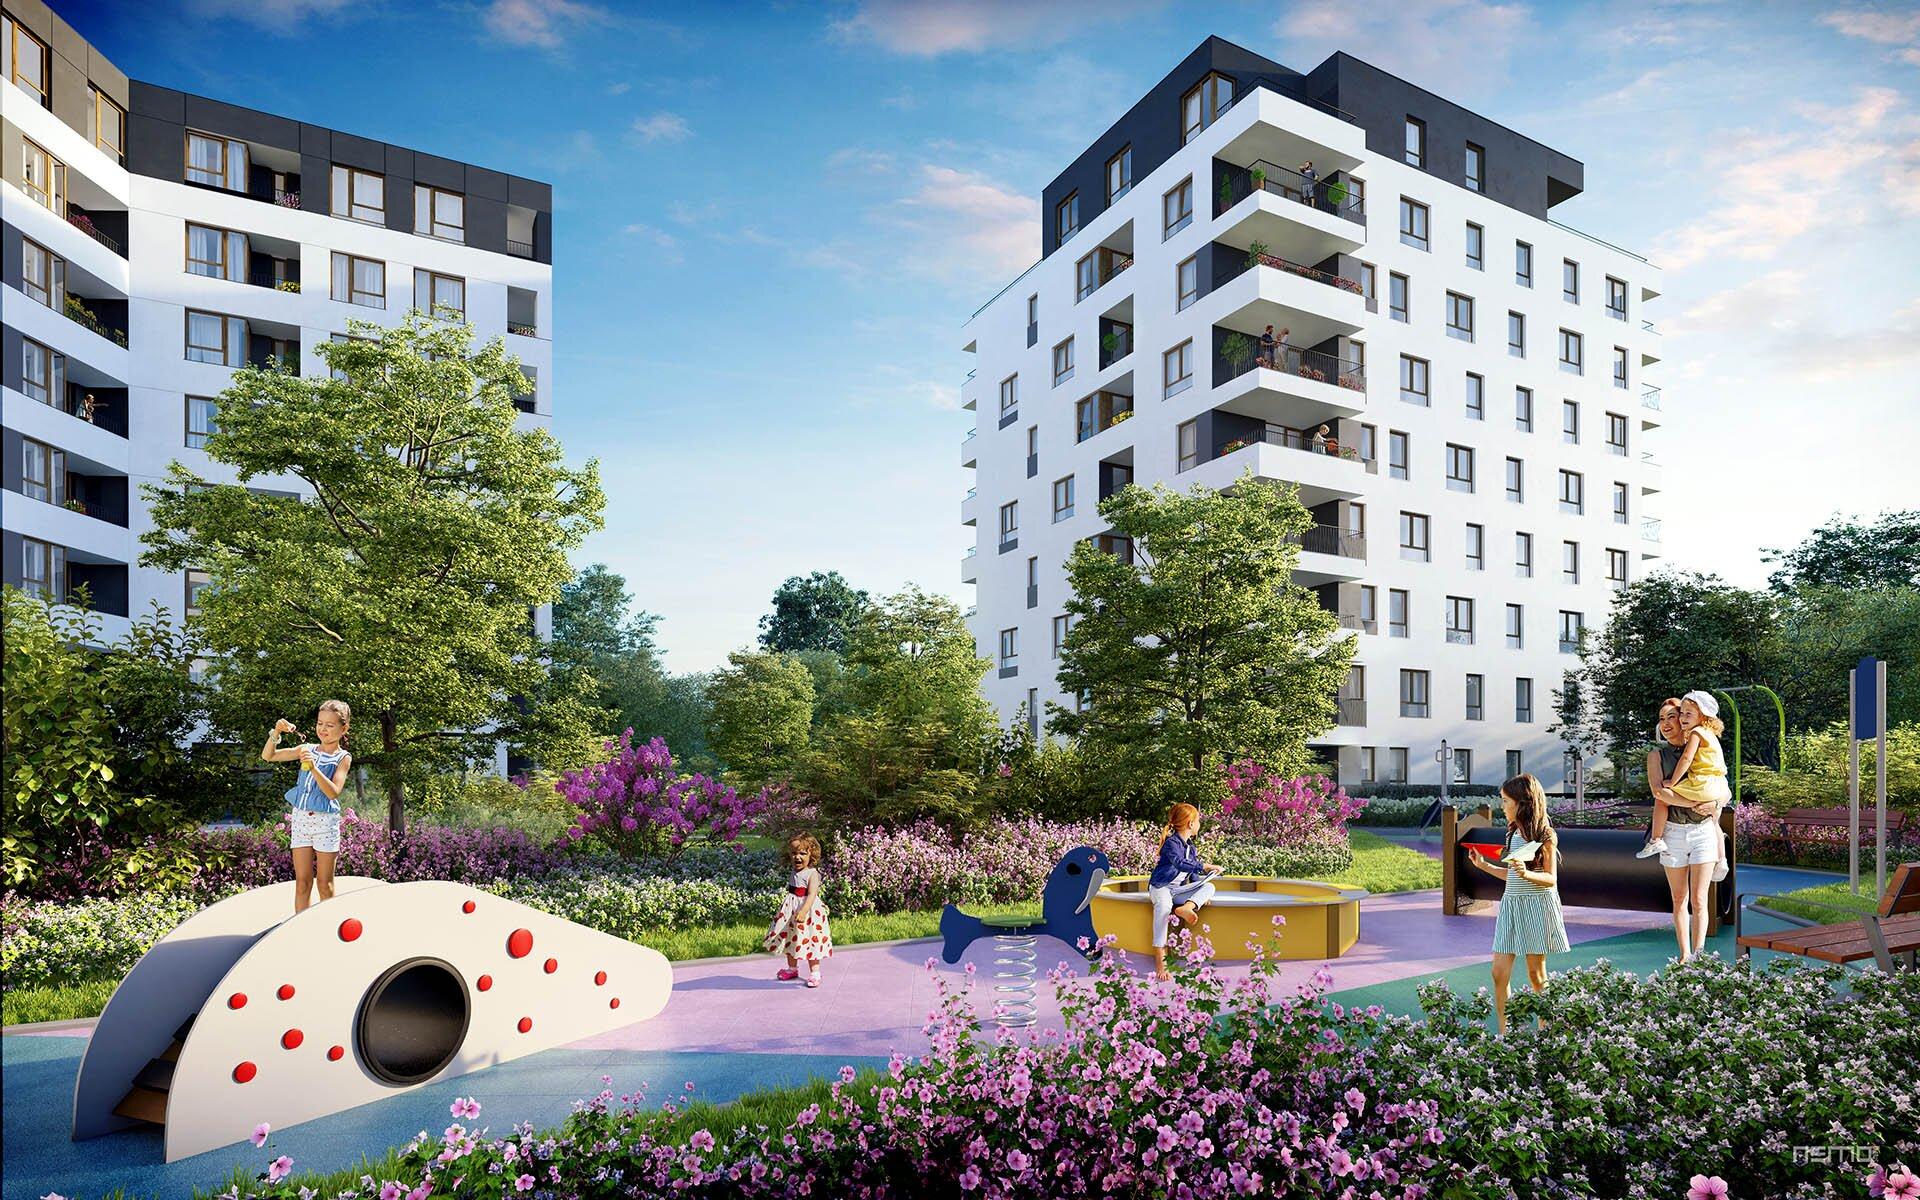 obraz pokazujący wizualizację architektoniczną budynku mieszkalnego wielorodzinnego